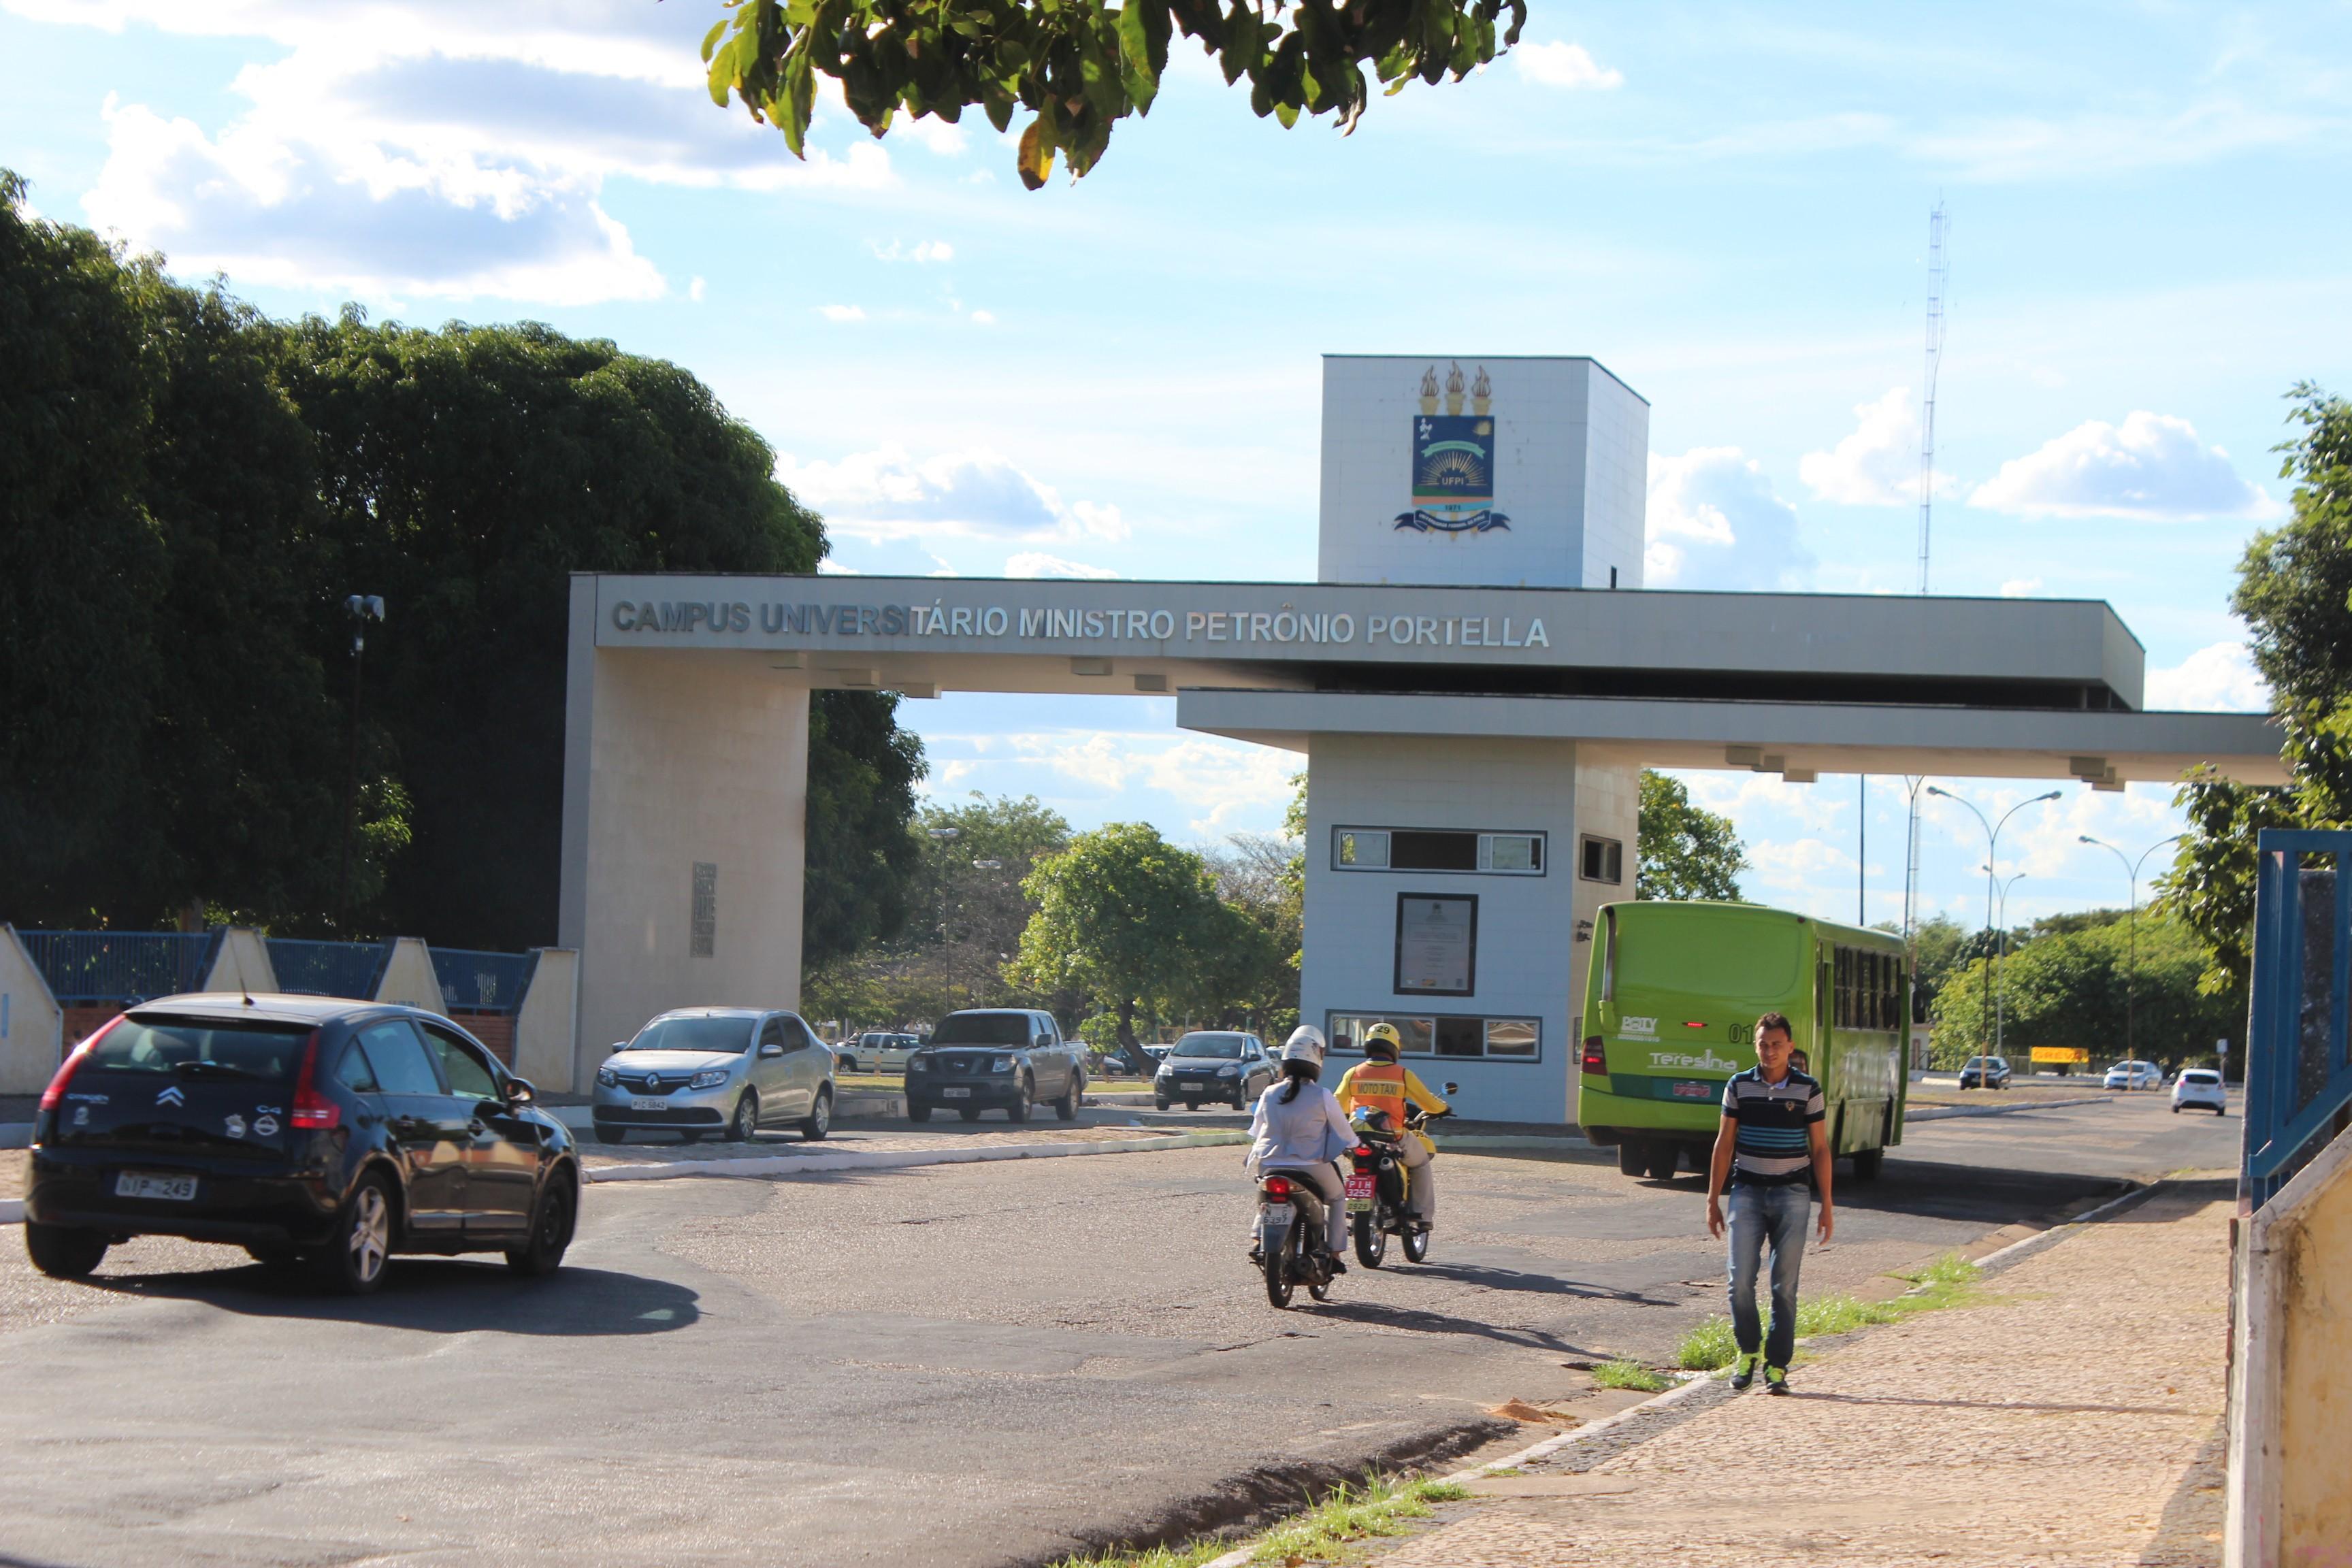 UFPI lança concurso com 29 vagas para técnico-administrativos e salário de até R$ 8 mil - Notícias - Plantão Diário